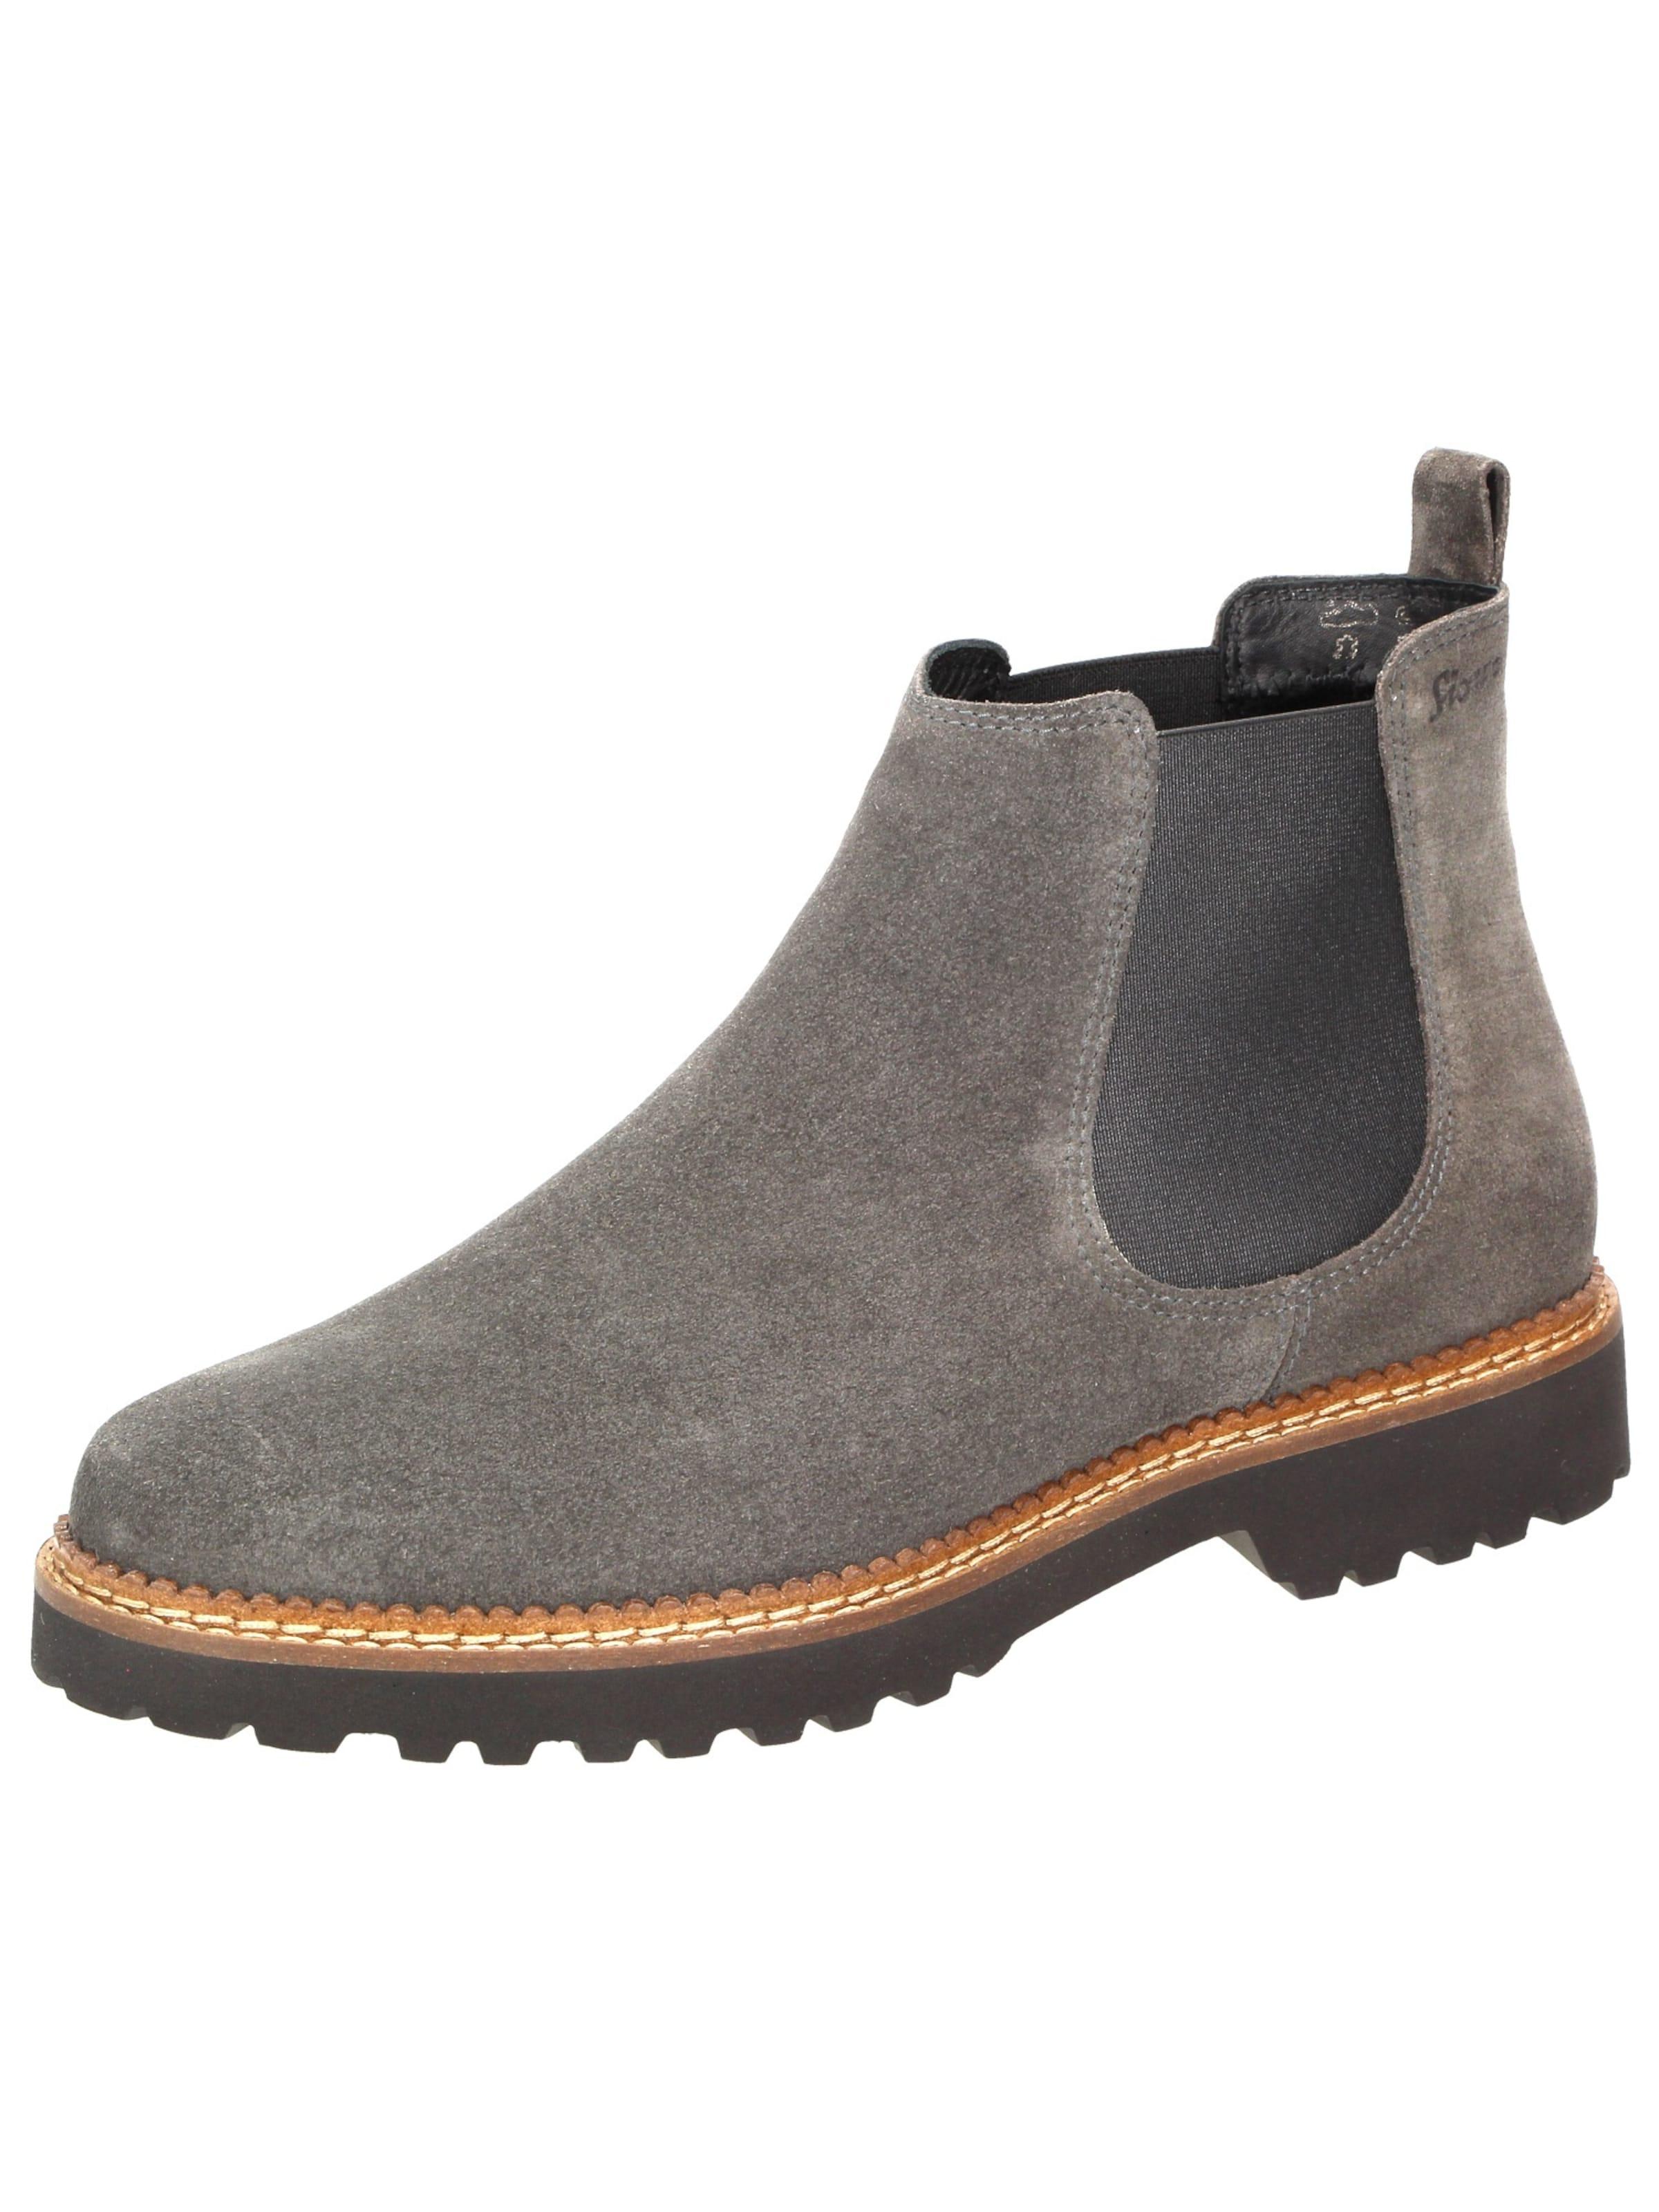 SIOUX Stiefelette Vesela-172 Verschleißfeste billige Schuhe